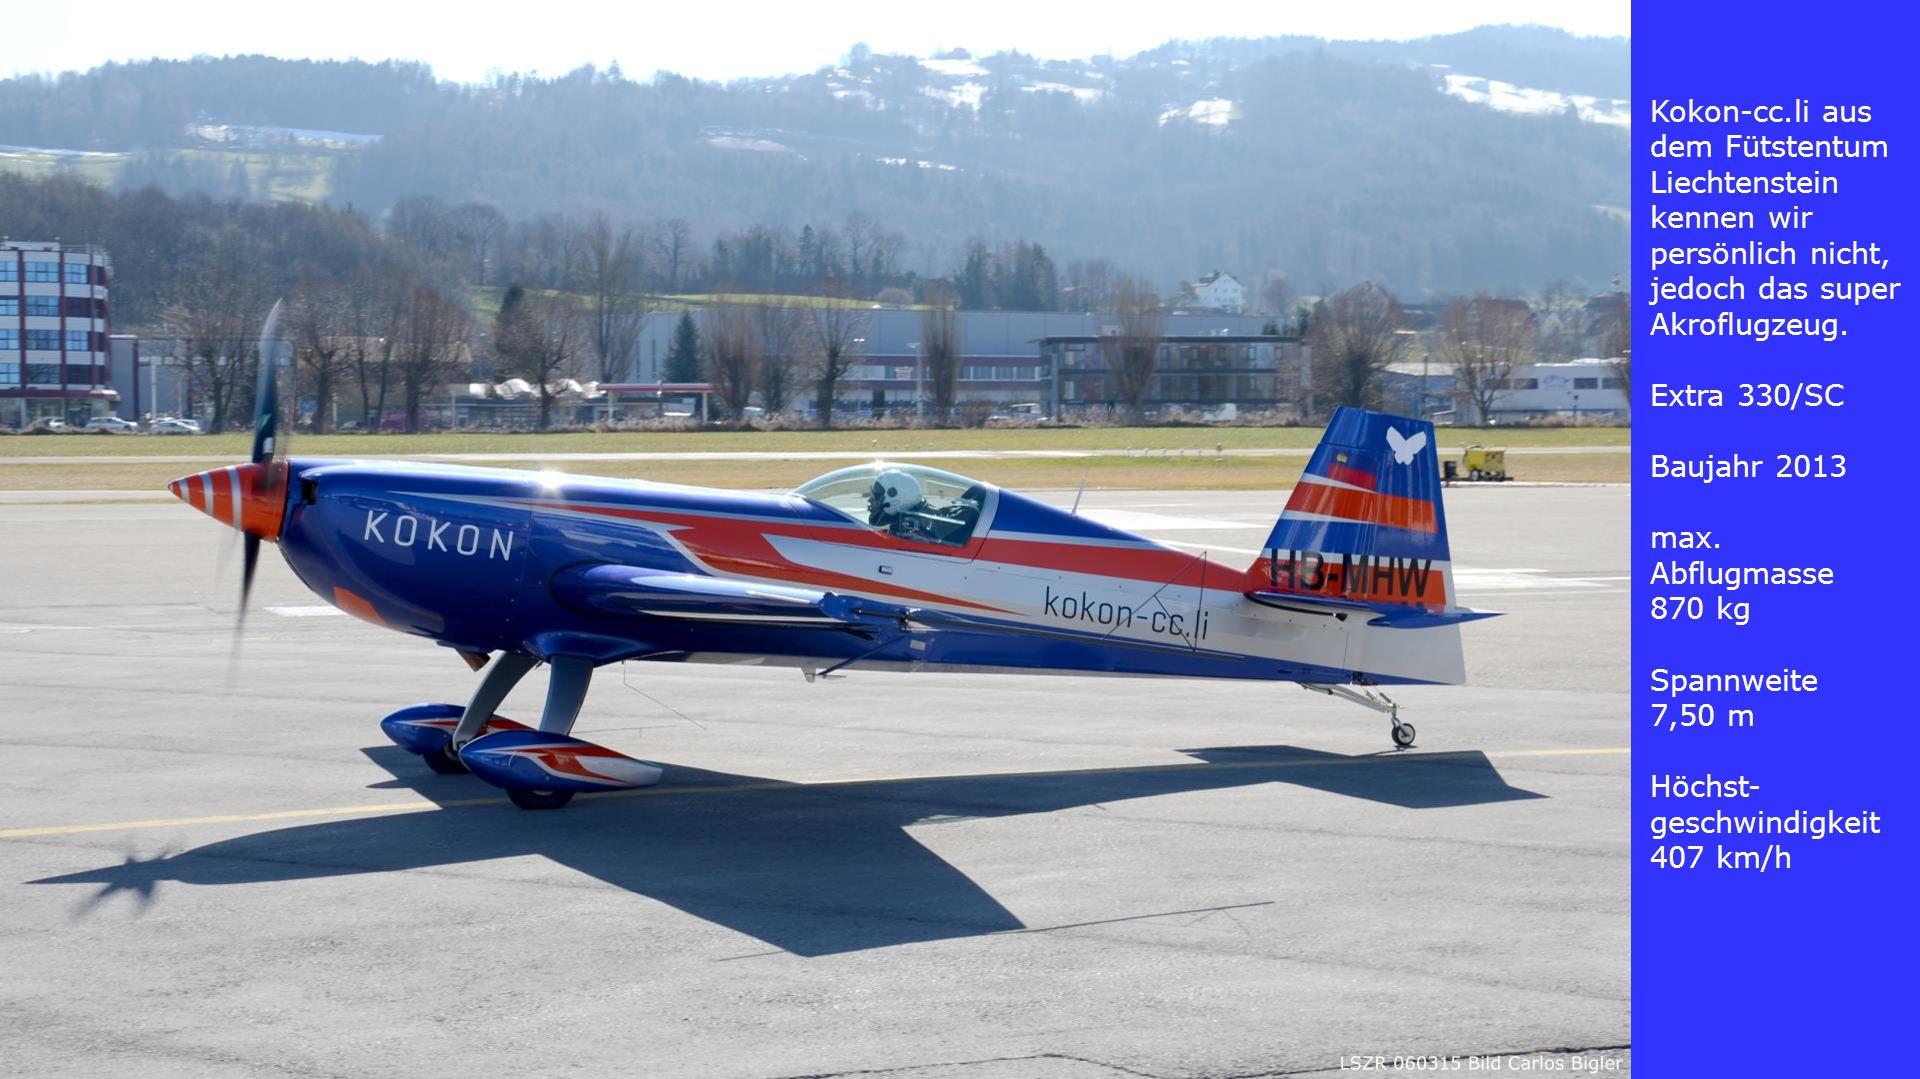 Kokon-cc.li aus dem Fütstentum Liechtenstein kennen wir persönlich nicht, jedoch das super Akroflugzeug.